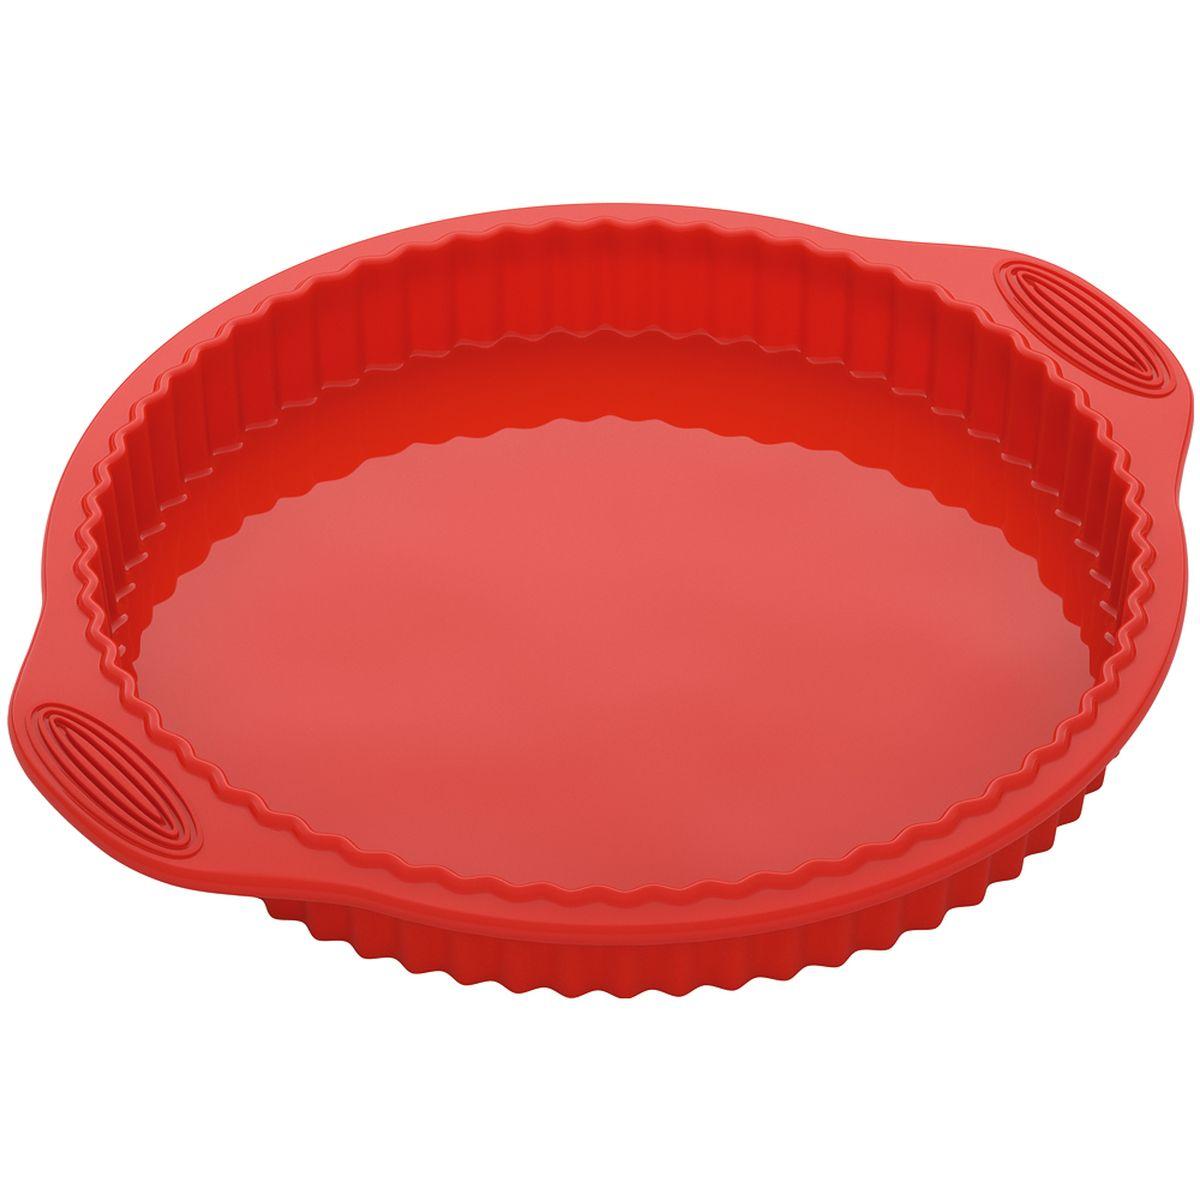 Форма для выпечки Nadoba Mila, круглая, силиконовая, диаметр 28 см762018Форма для выпечки Nadoba Mila, изготовленная из высококачественного жаропрочного силикона, выдерживающего температуру от -40°C до +230°C. Выпечка легко вынимается и не пригорает. Форма легко моется и ее удобно хранить в сложенном виде Если вы любите побаловать своих домашних вкусным и ароматным угощением по вашему оригинальному рецепту, то форма Nadoba как раз то, что вам нужно!Размер формы с учетом ручек: 32 x 28 см.Внутренний диаметр формы: 25 см.Высота формы: 6 см.